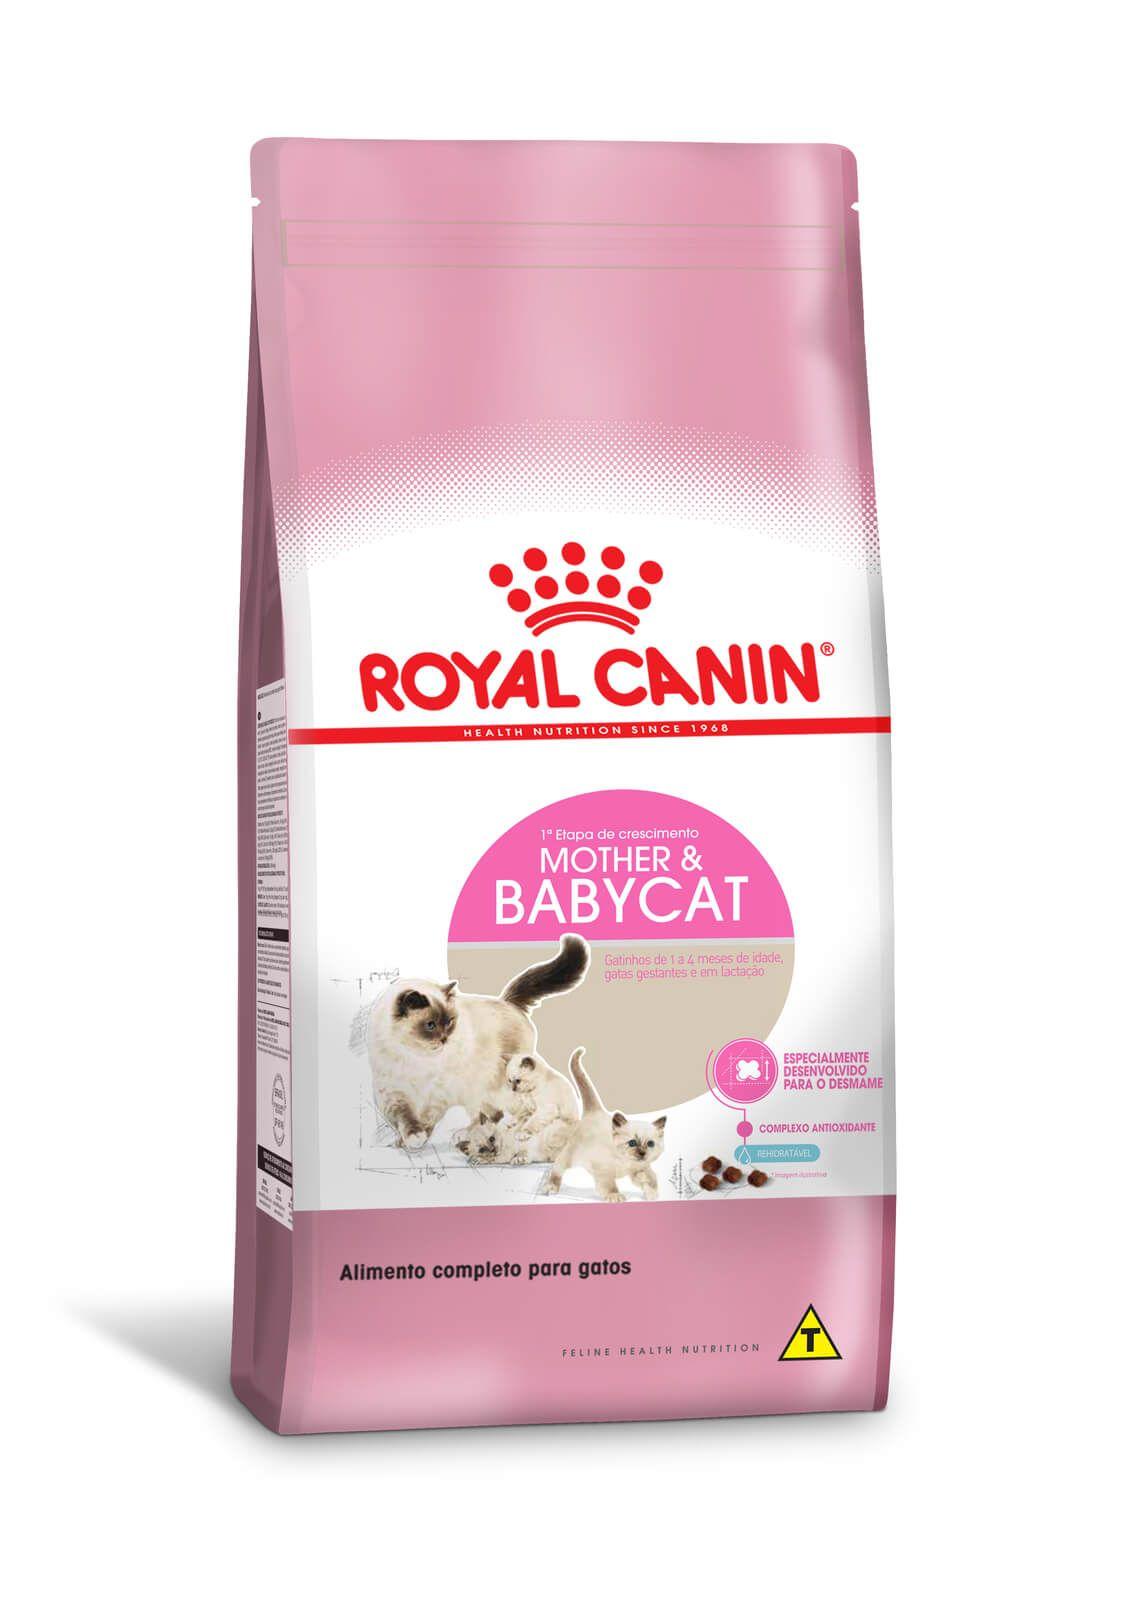 Ração Royal Canin Mother & Babycat - Gatos (mãe e/ou filhotes)